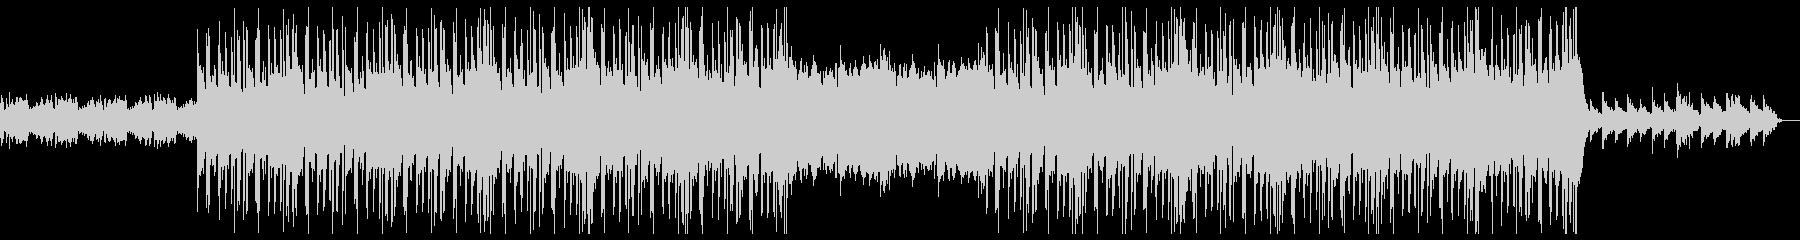 ダーク クール ヒップホップの未再生の波形